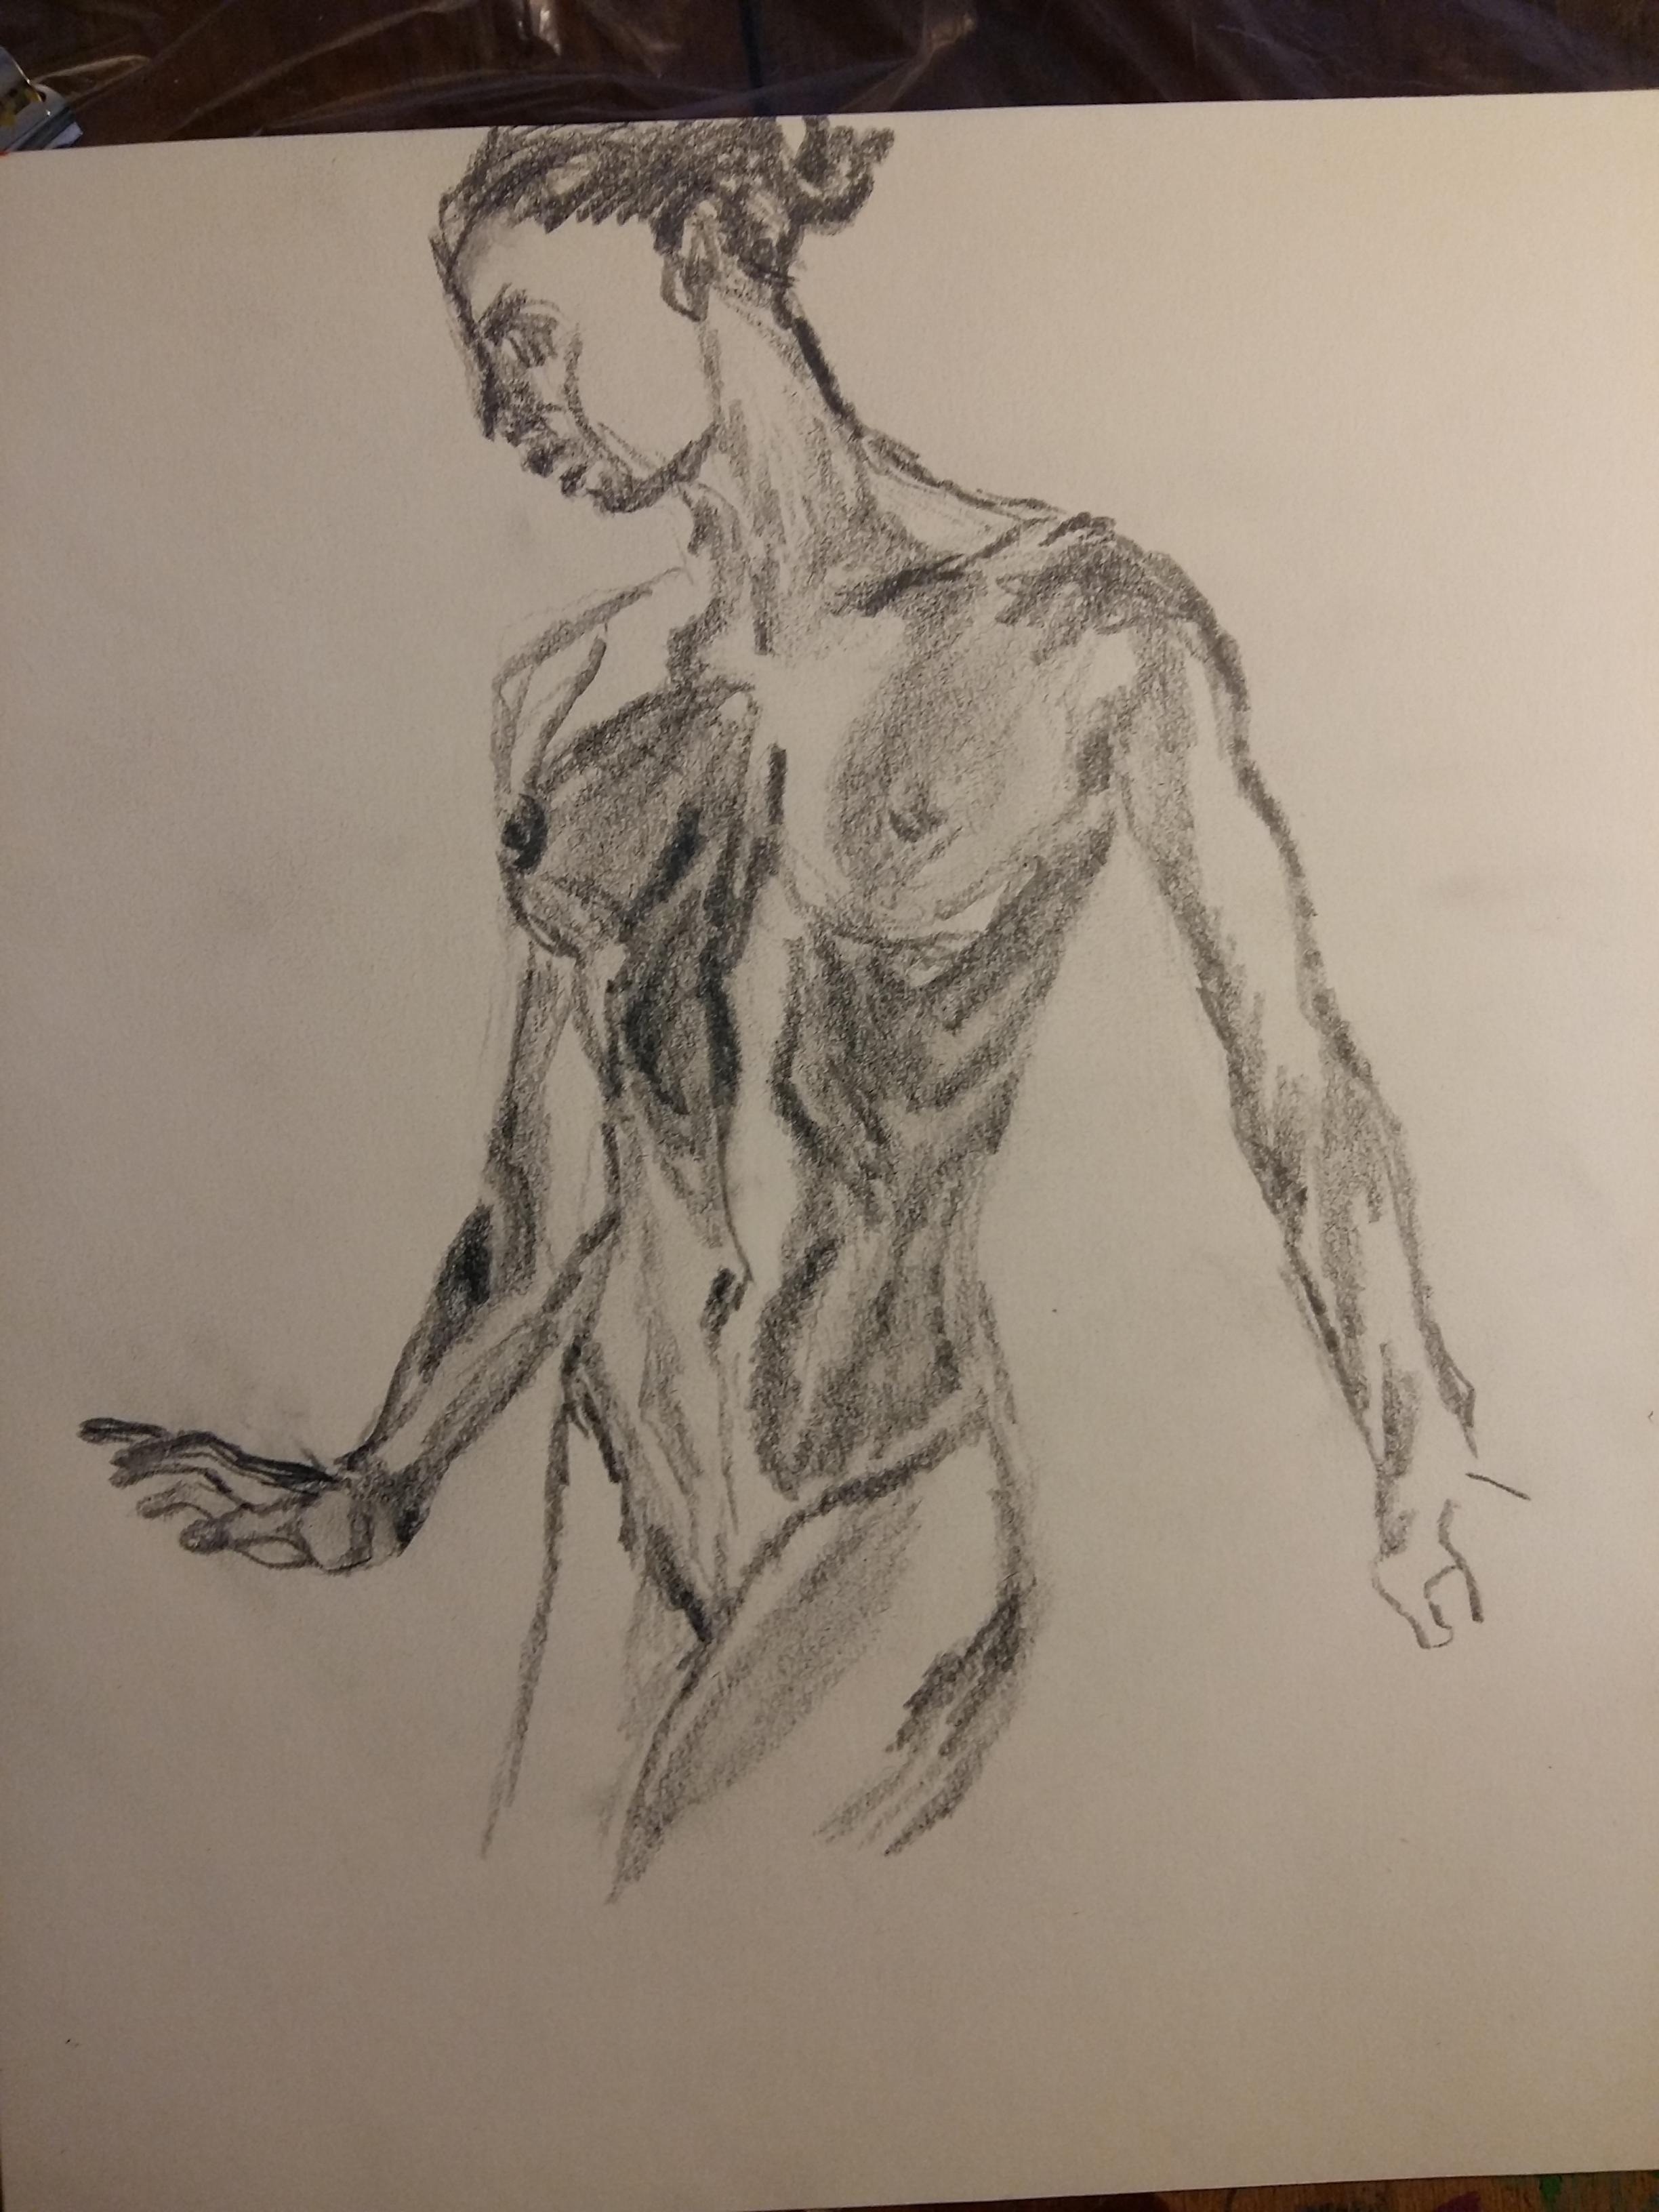 Buste femme 3/4 dessin mine de plomb sur papier  cours de dessin